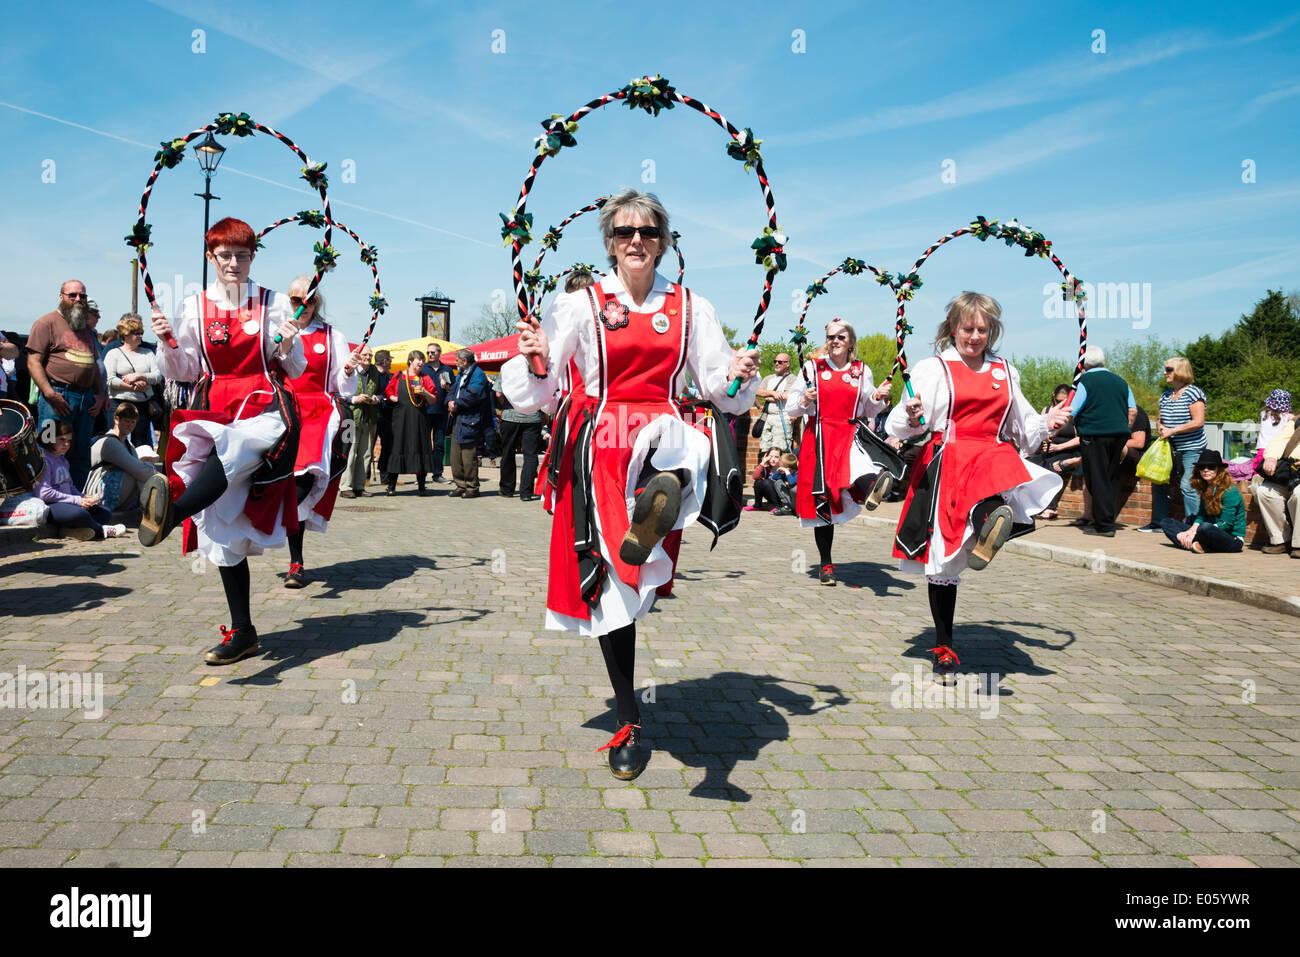 Upton sur Severn, Worcestershire, Royaume-Uni. 3 mai 2014 danseurs folkloriques divertir les gens sur une belle journée ensoleillée. Danseurs Morris femelle à Upton sur Severn, Worcestershire, Royaume-Uni. Crédit: Robert Convery/Alamy Live News Photo Stock